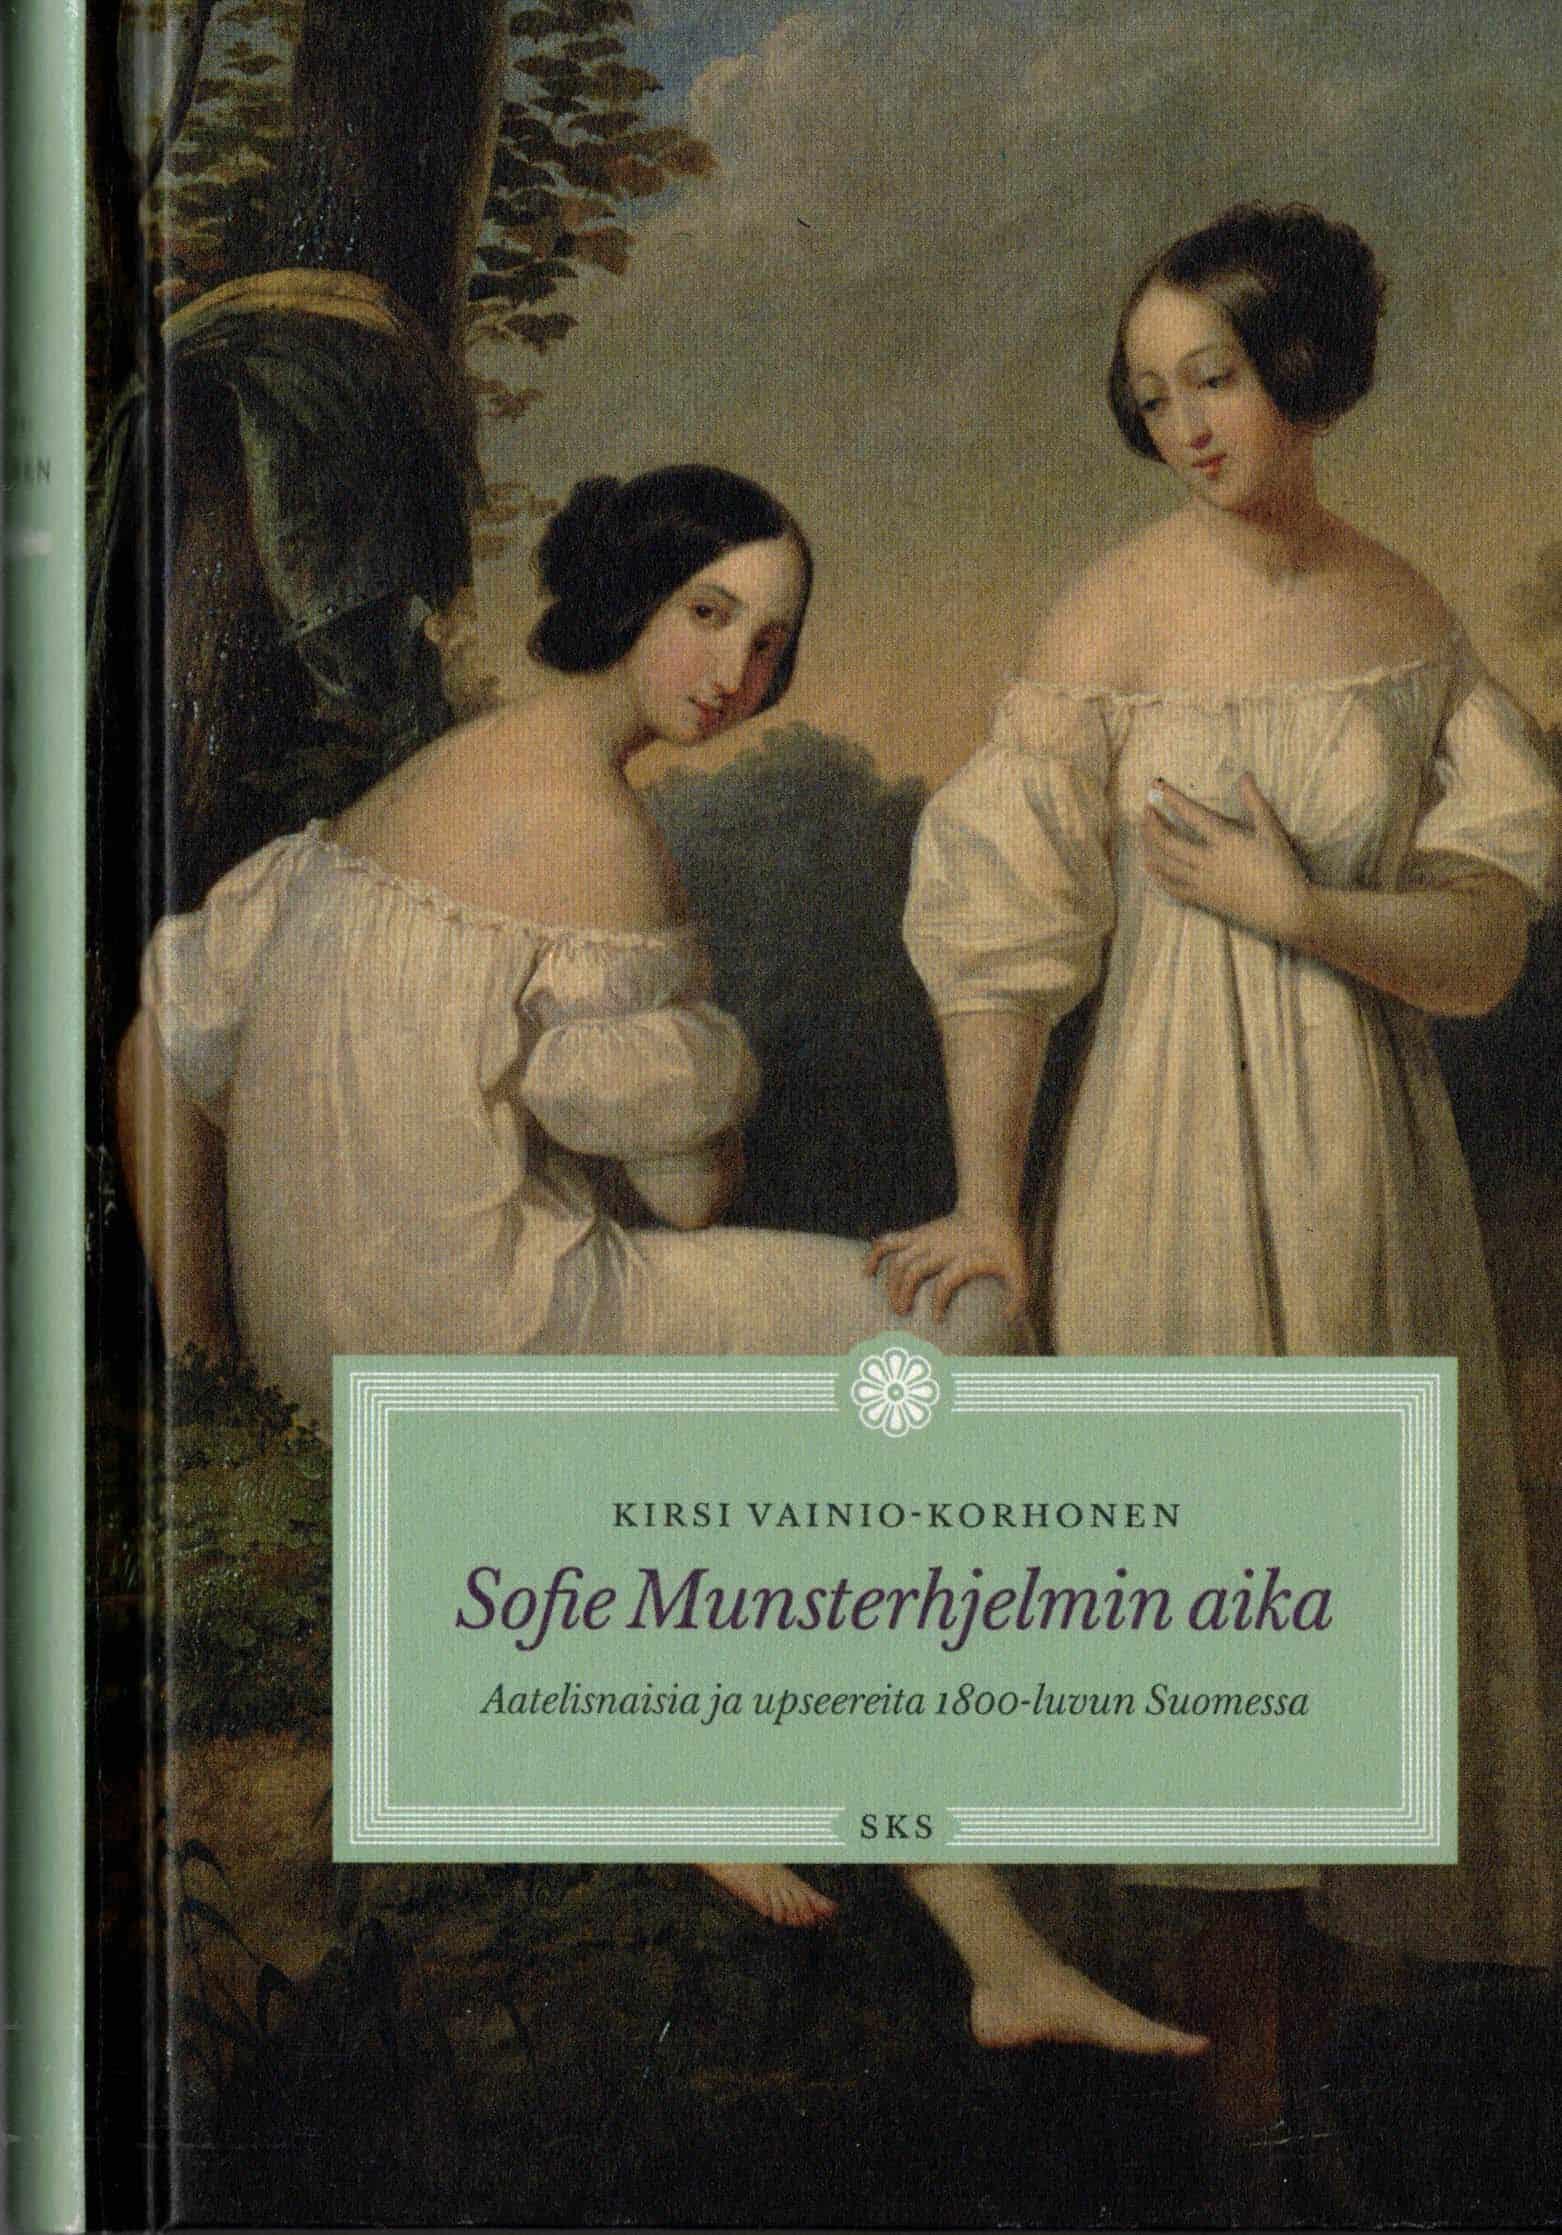 Sofie Munsterhjelmin aika : Aatelisnaisia ja upseereita 1800-luvun Suomessa